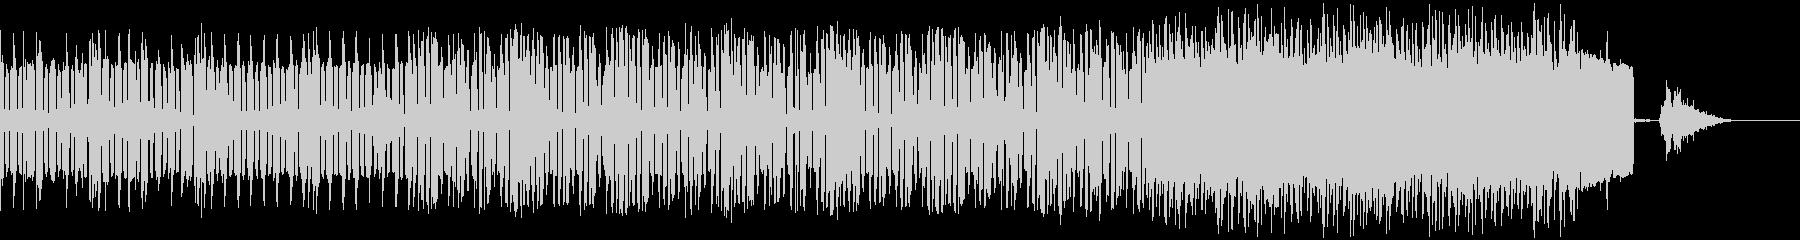 不思議 エレクトロ ジングル クールの未再生の波形